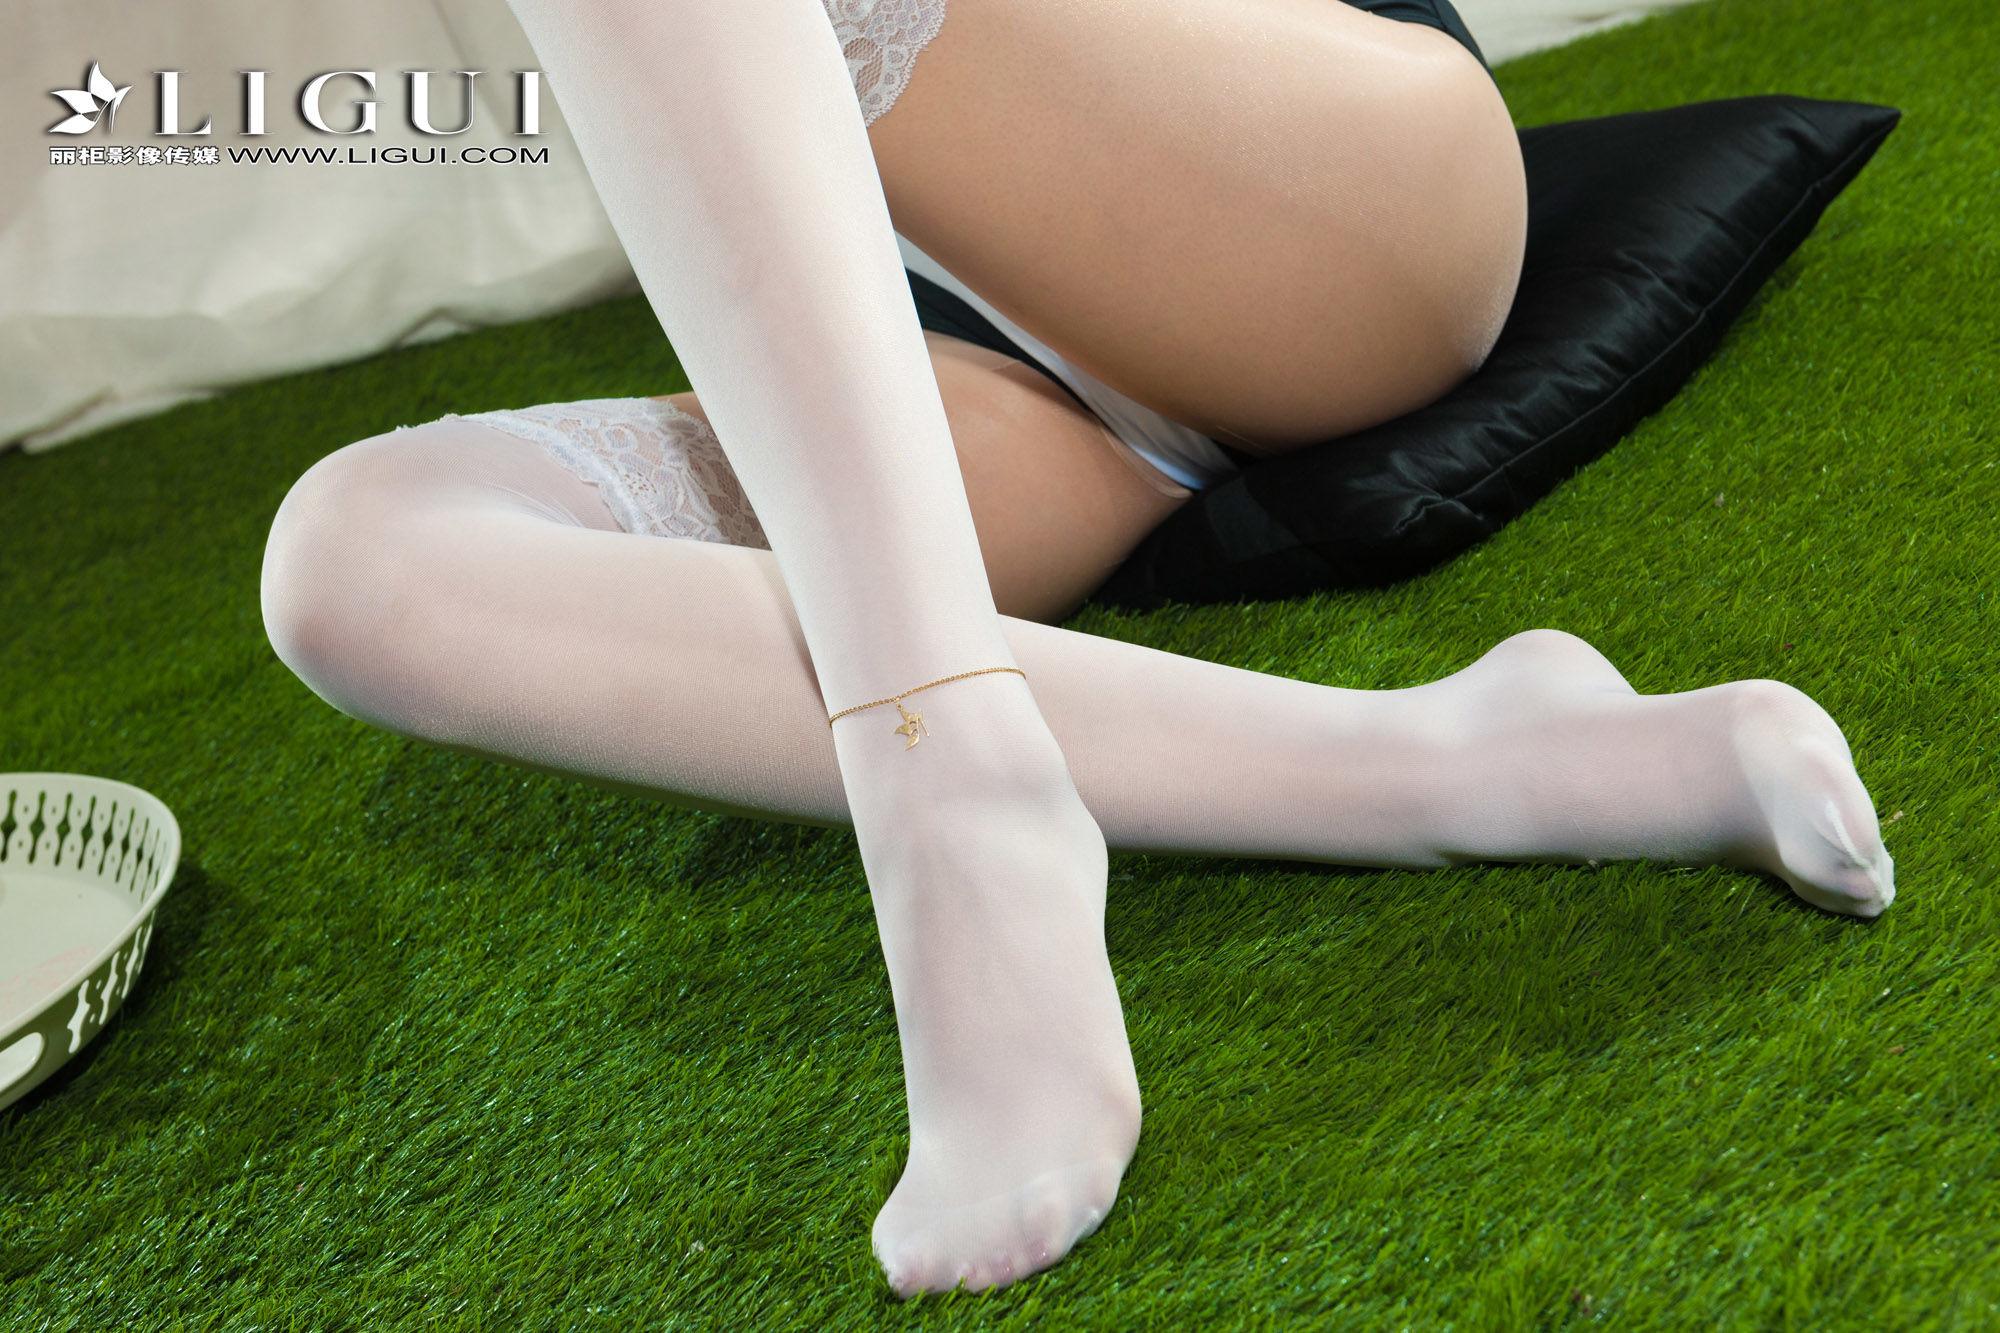 图片[6] - 腿模小戈《白丝西瓜少女》 [丽柜Ligui] 网络丽人 写真集[61P] - 唯独你没懂